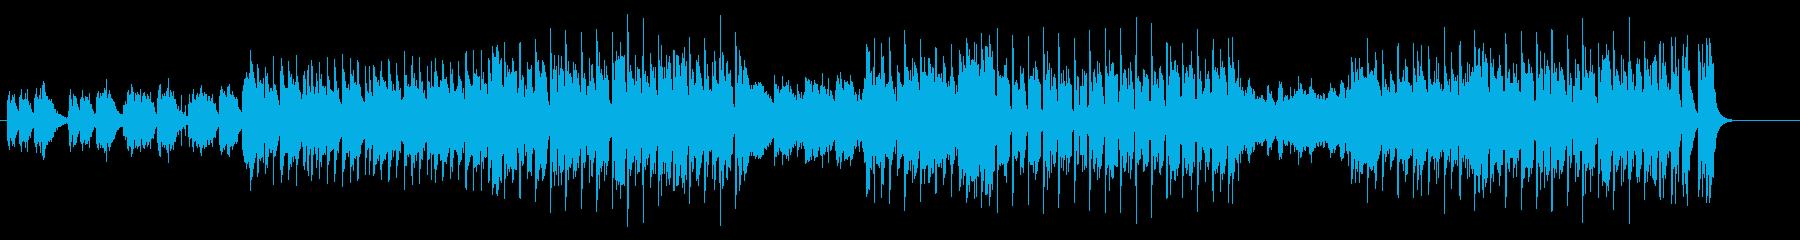 切迫感に満ちたエレクトリックミュージックの再生済みの波形